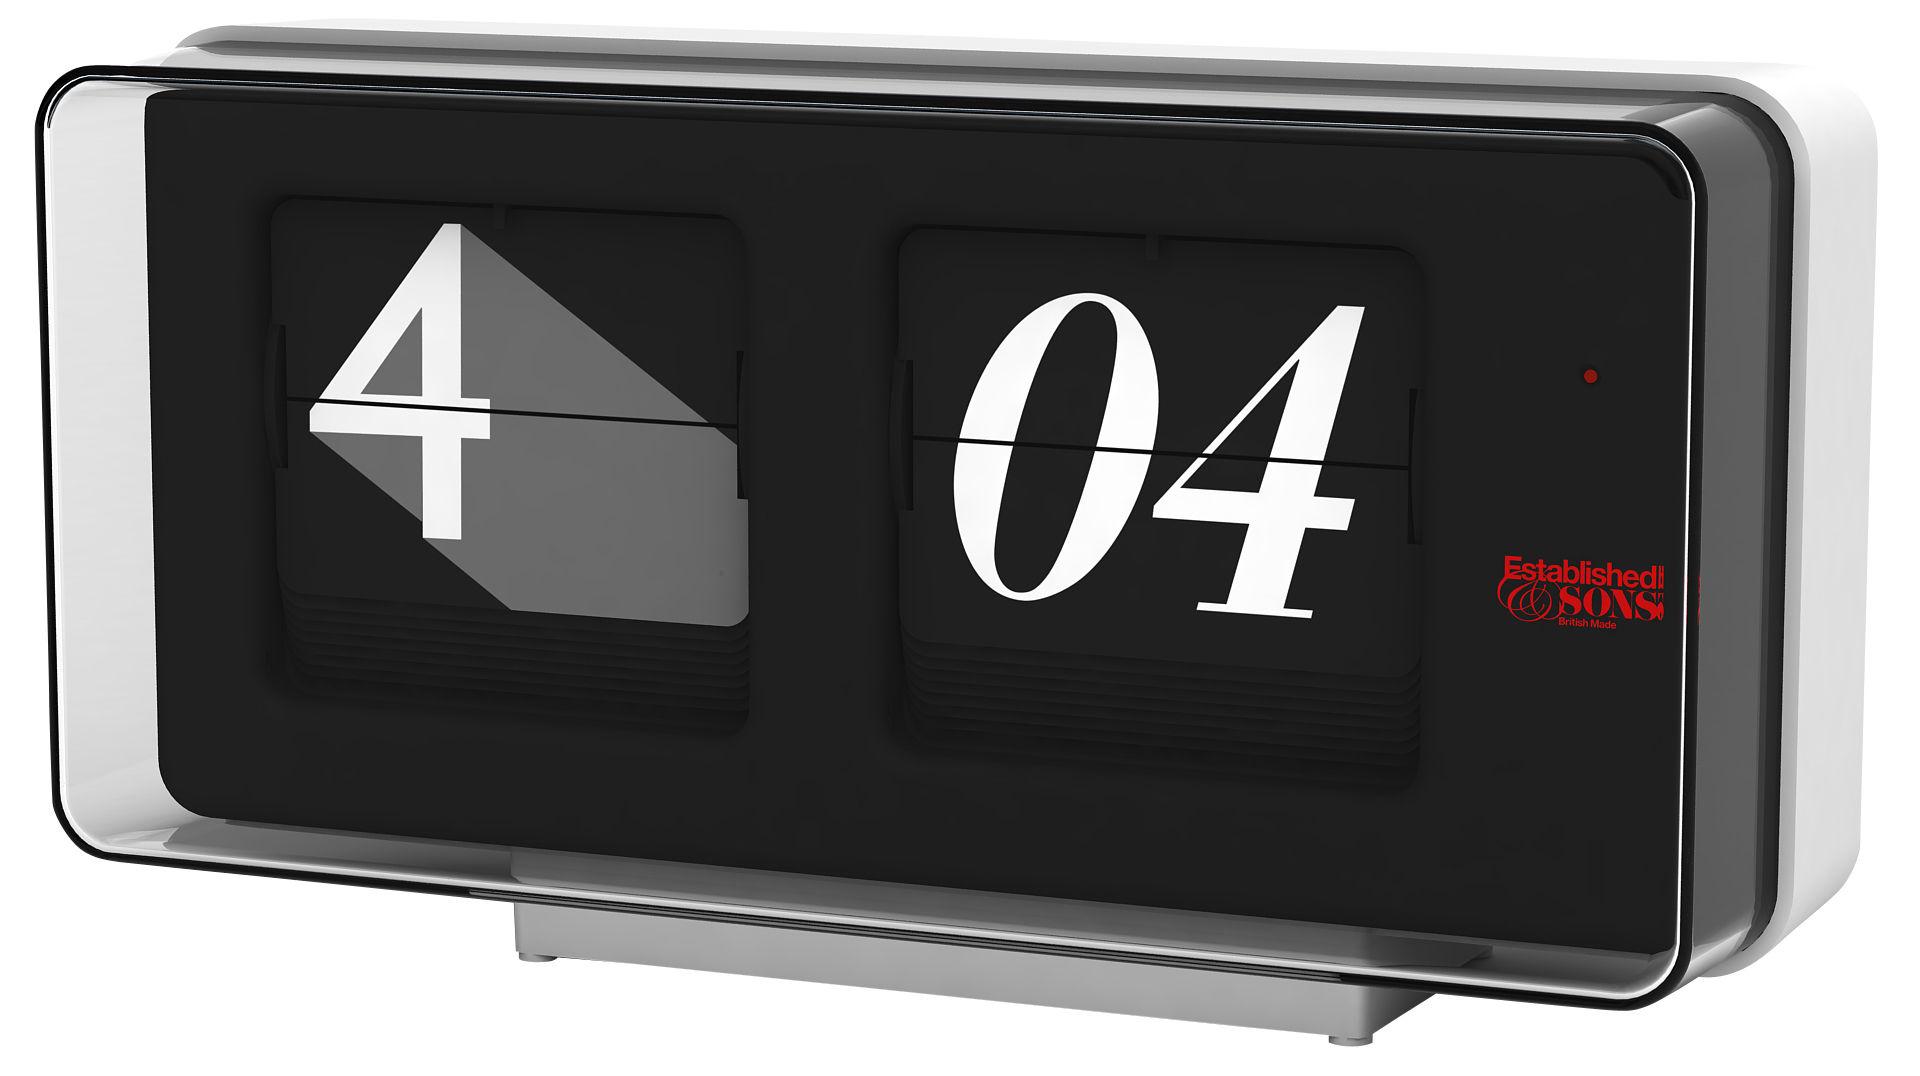 Dekoration - Uhren - Font Clock Wanduhr - Established & Sons - Schwarz /weiß  - 29 x 14 cm - ABS, Glas